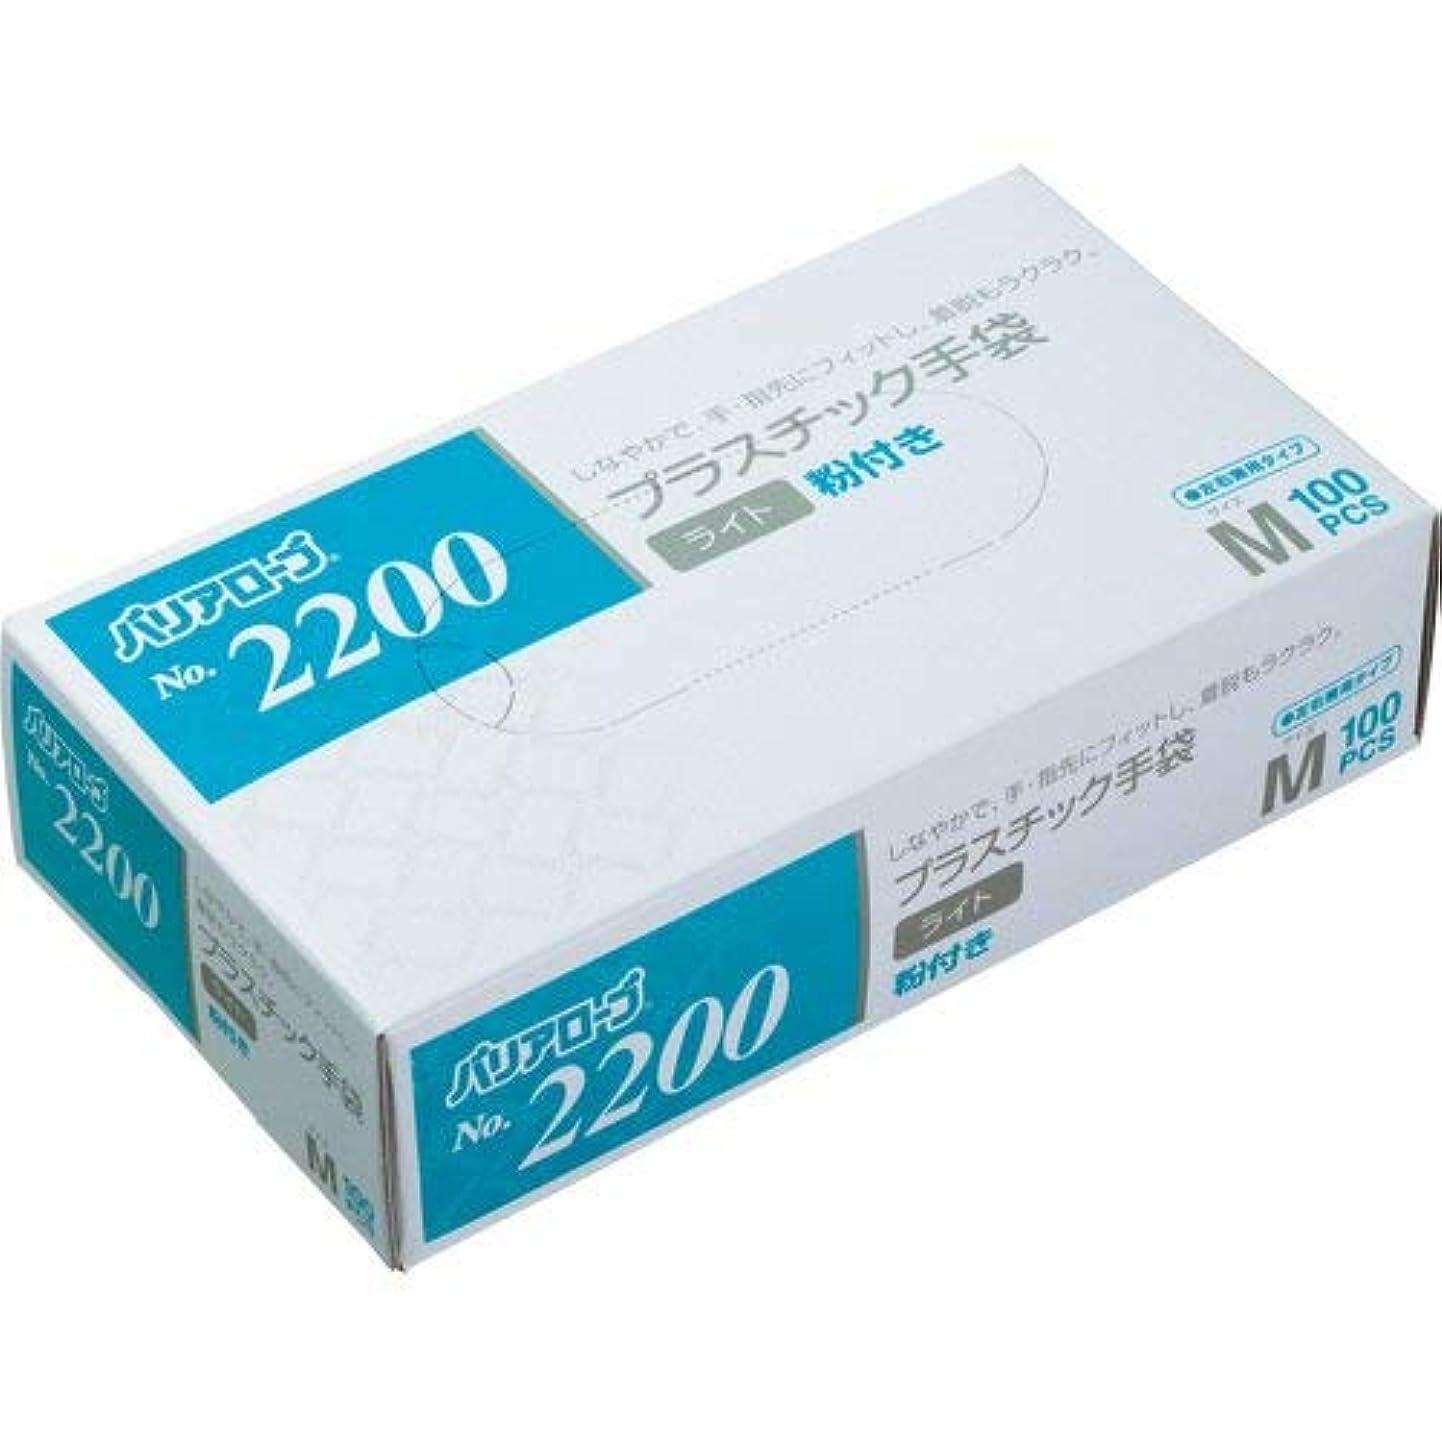 強調する導入する費用【ケース販売】 バリアローブ №2200 プラスチック手袋 ライト (粉付き) M 2000枚(100枚×20箱)